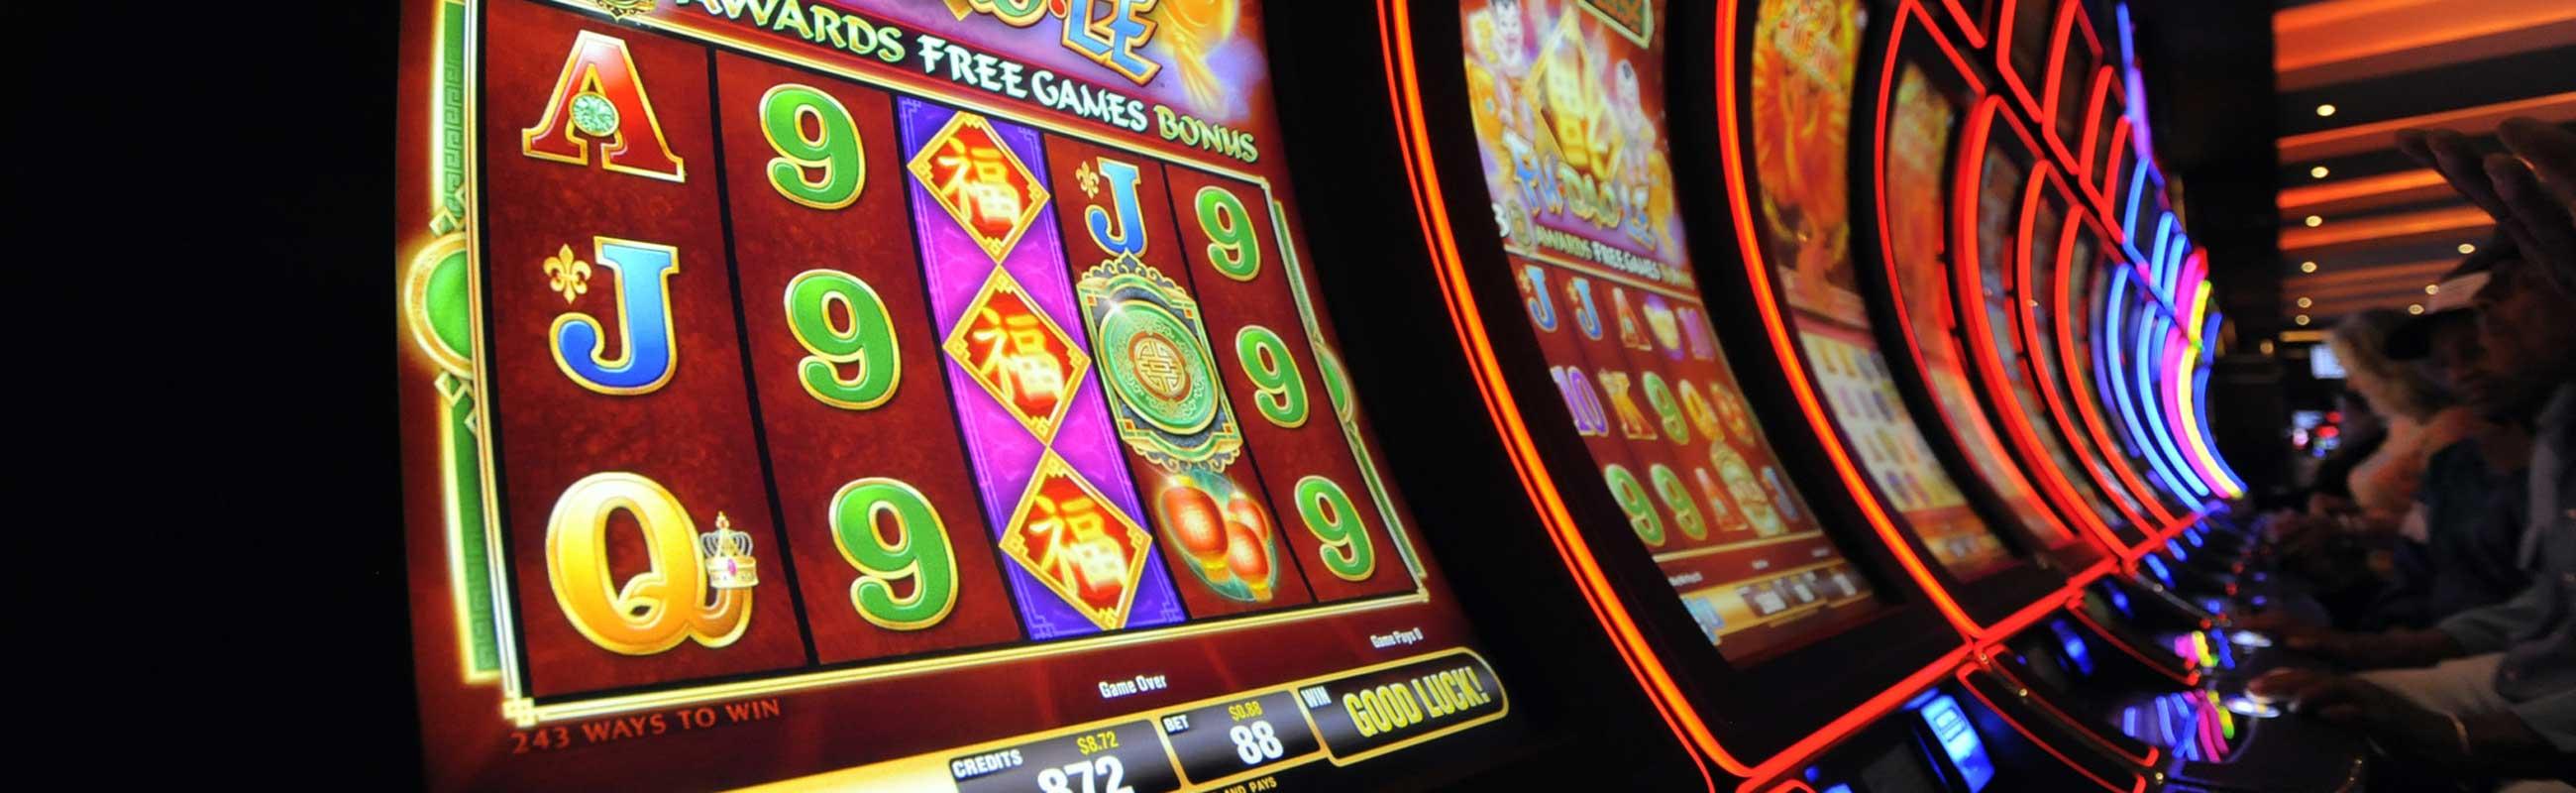 slot machines at casino